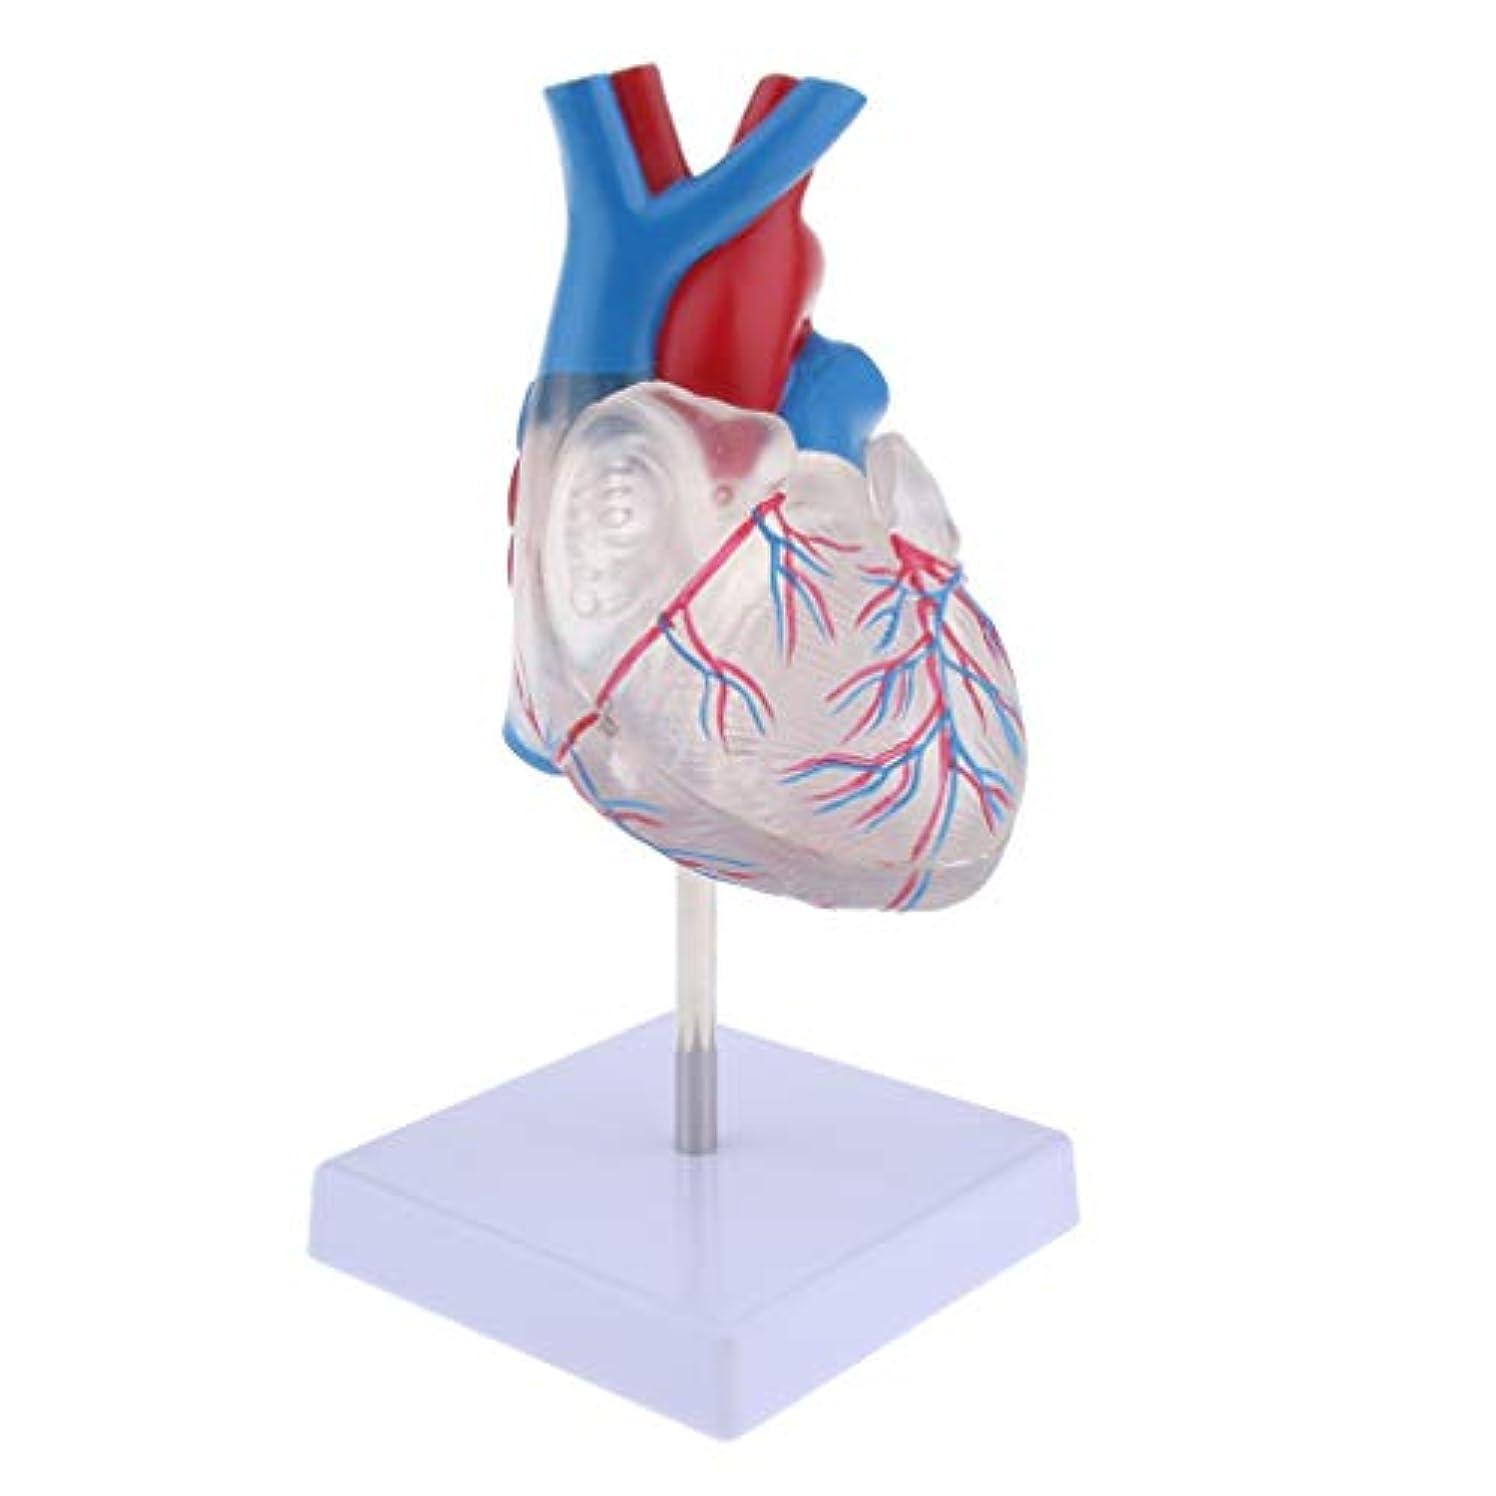 シーズン丁寧前任者人間の心臓解剖学的モデル 1:1ライフサイズ 人体模型 生き生き